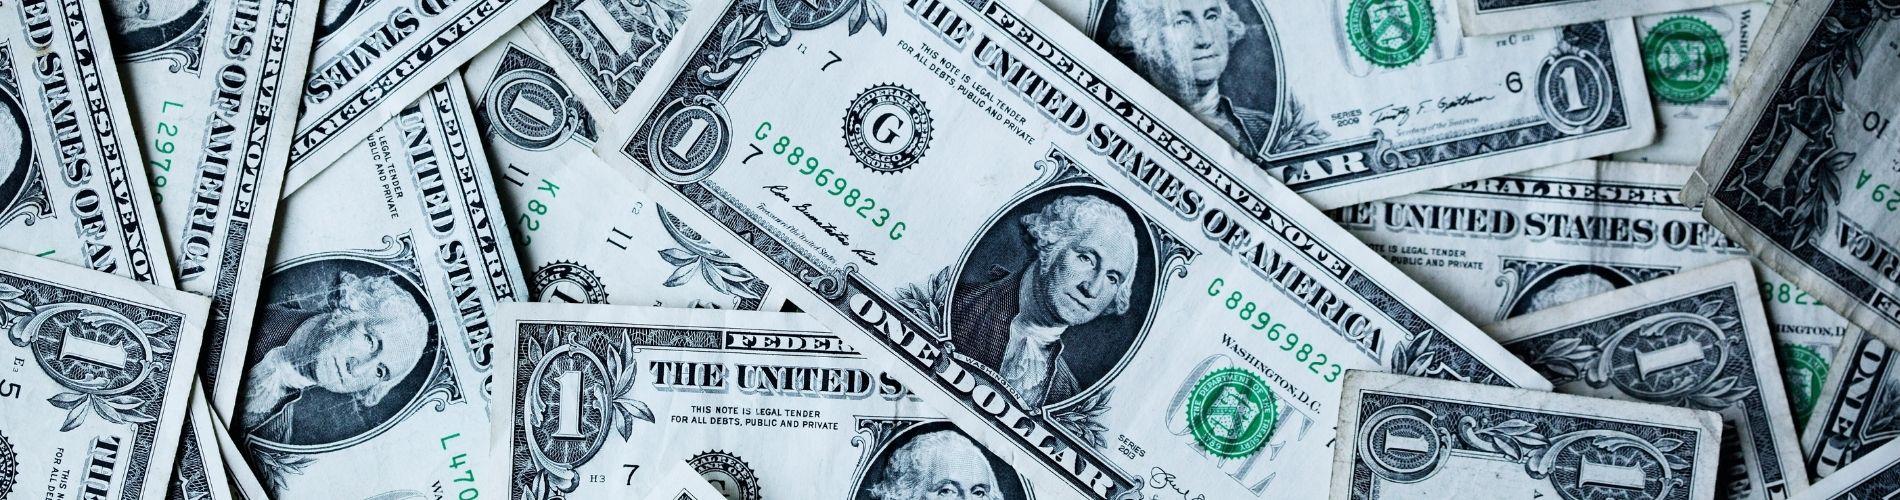 Consulenza e dichiarazioni fiscali